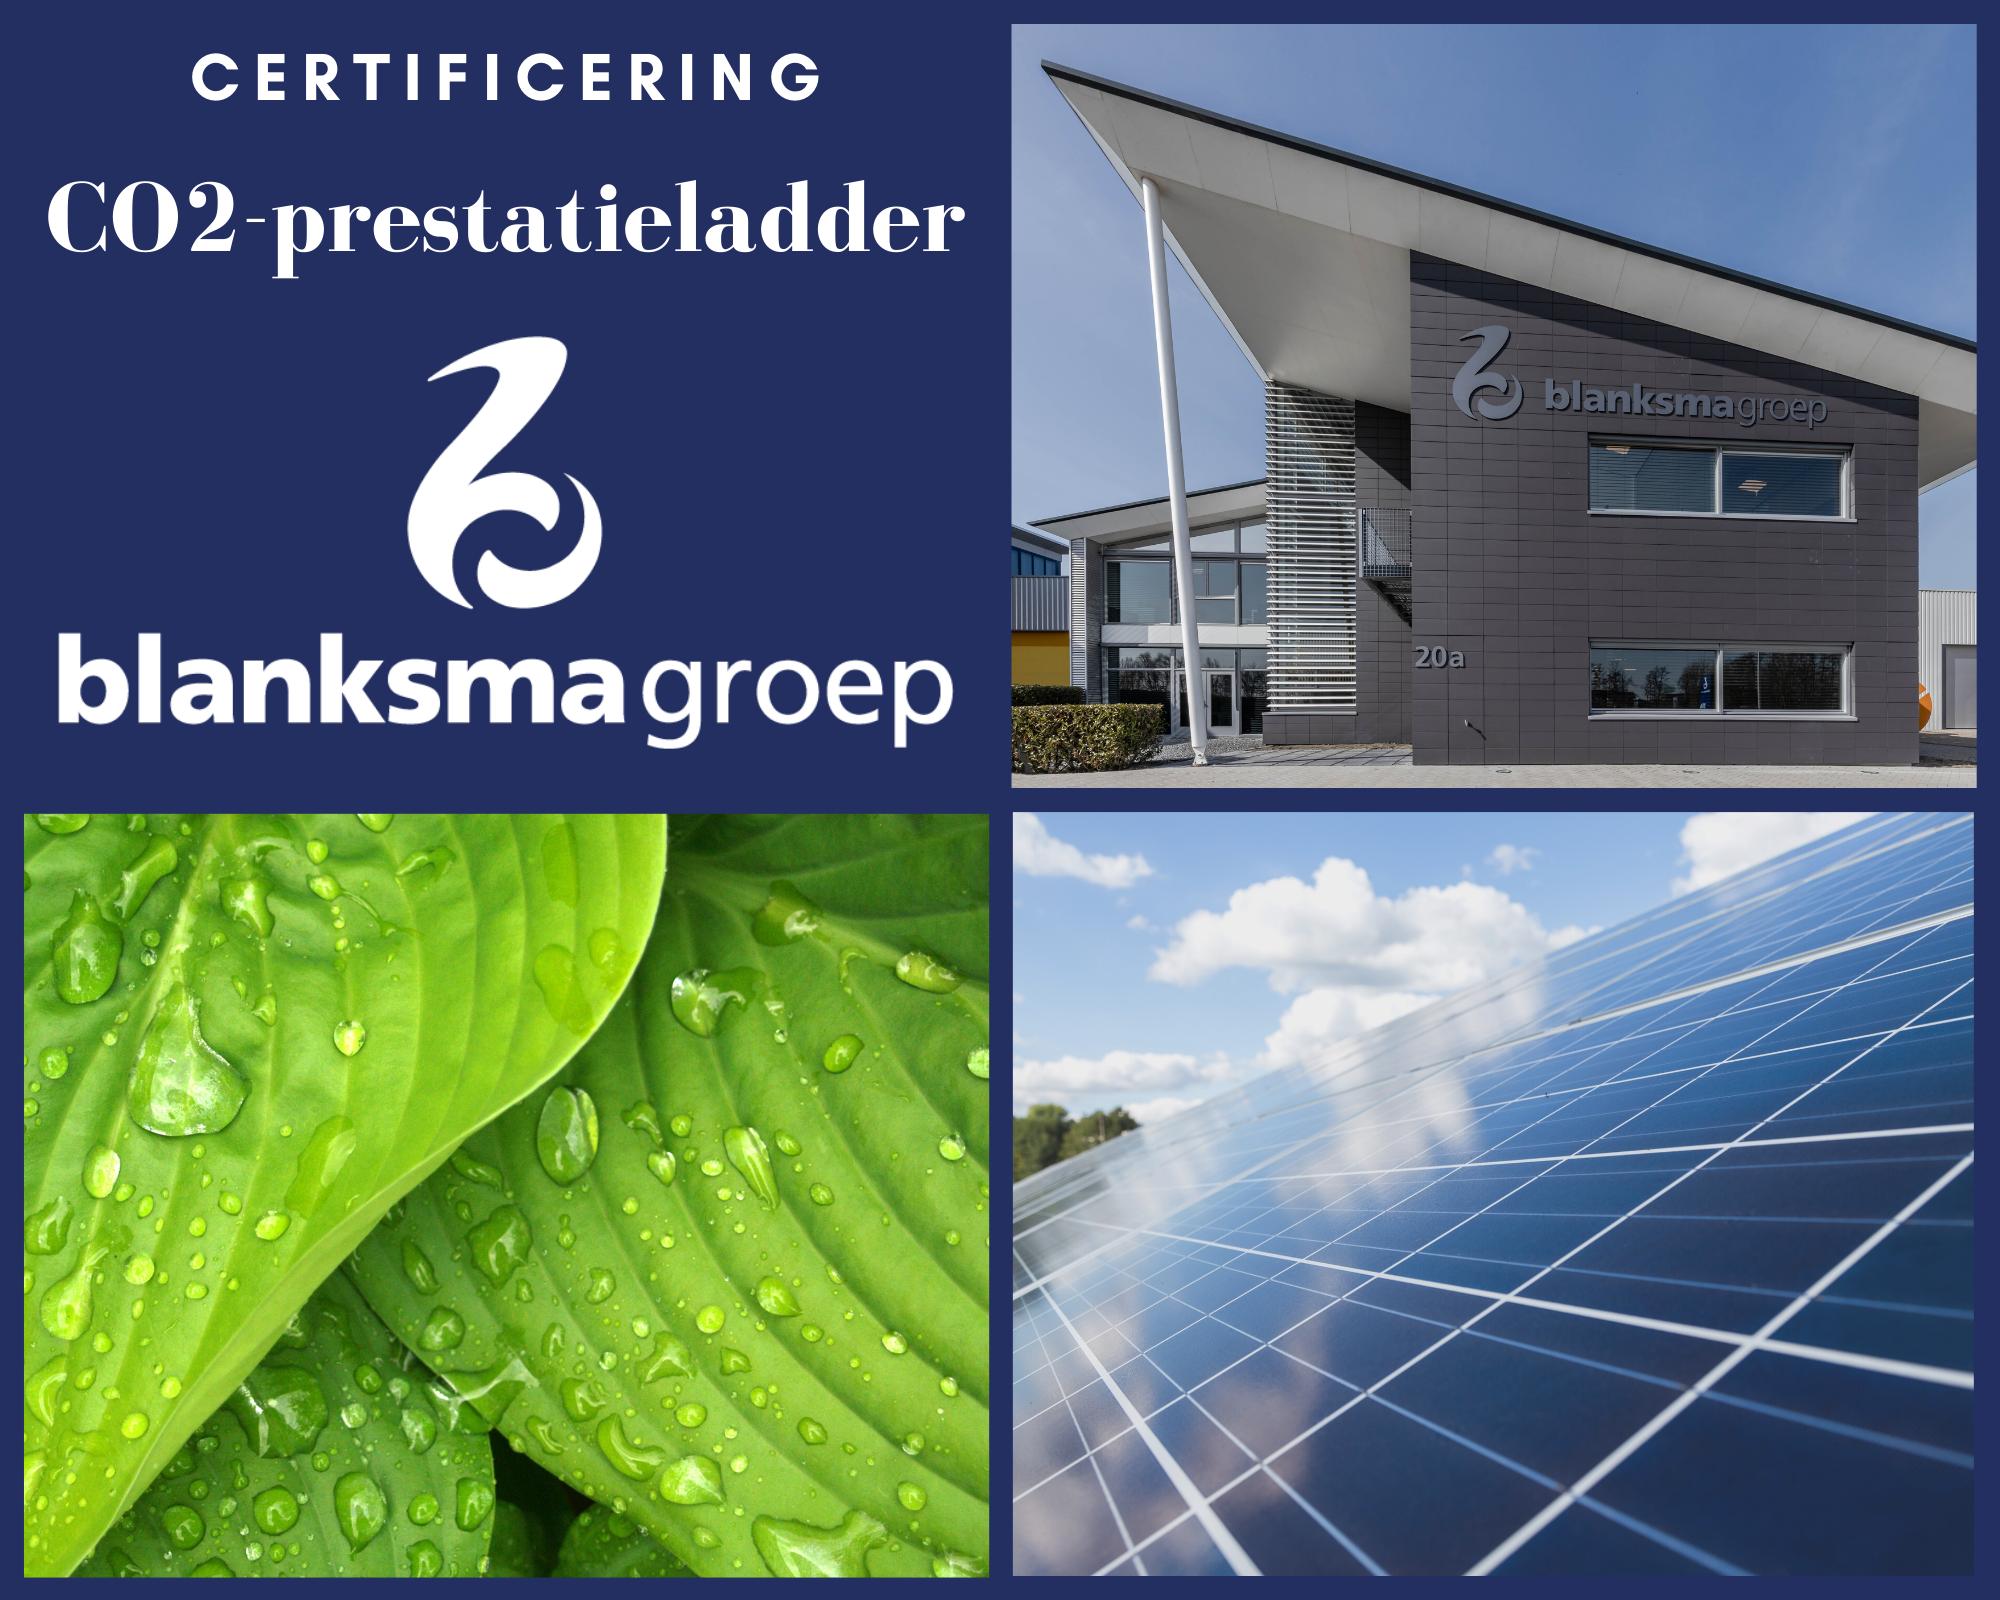 Certificering CO2-prestatieladder